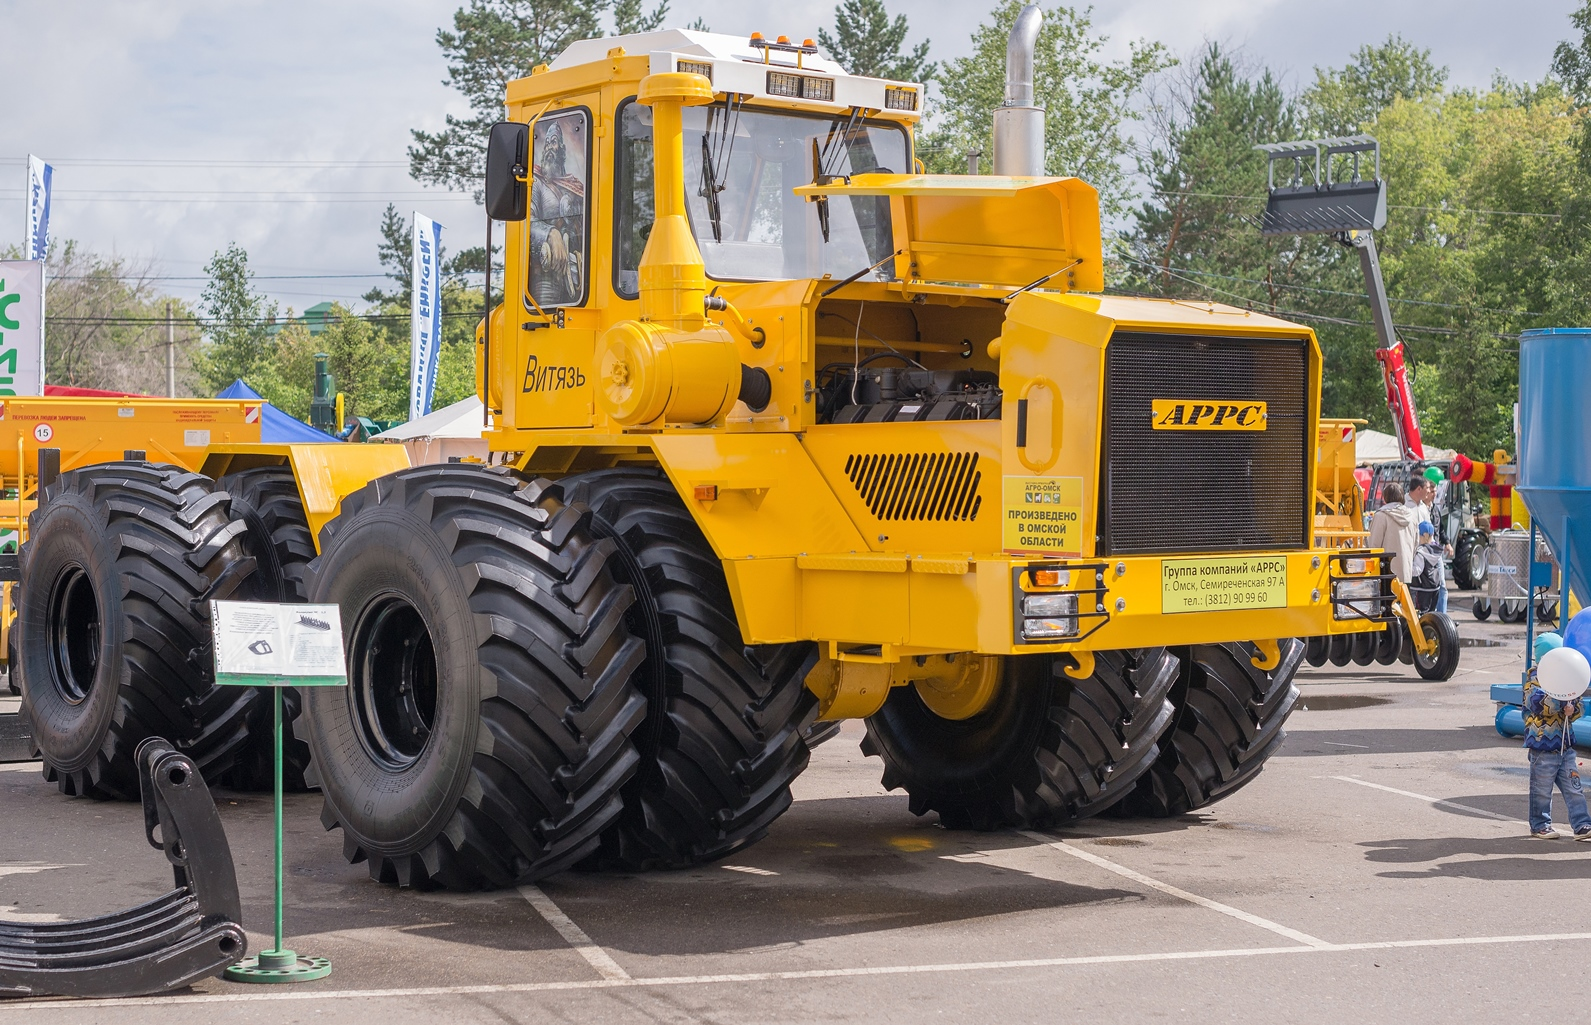 Омское предприятие будет выпускать ежегодно не менее 100 тракторов под собственной маркой «Витязь»